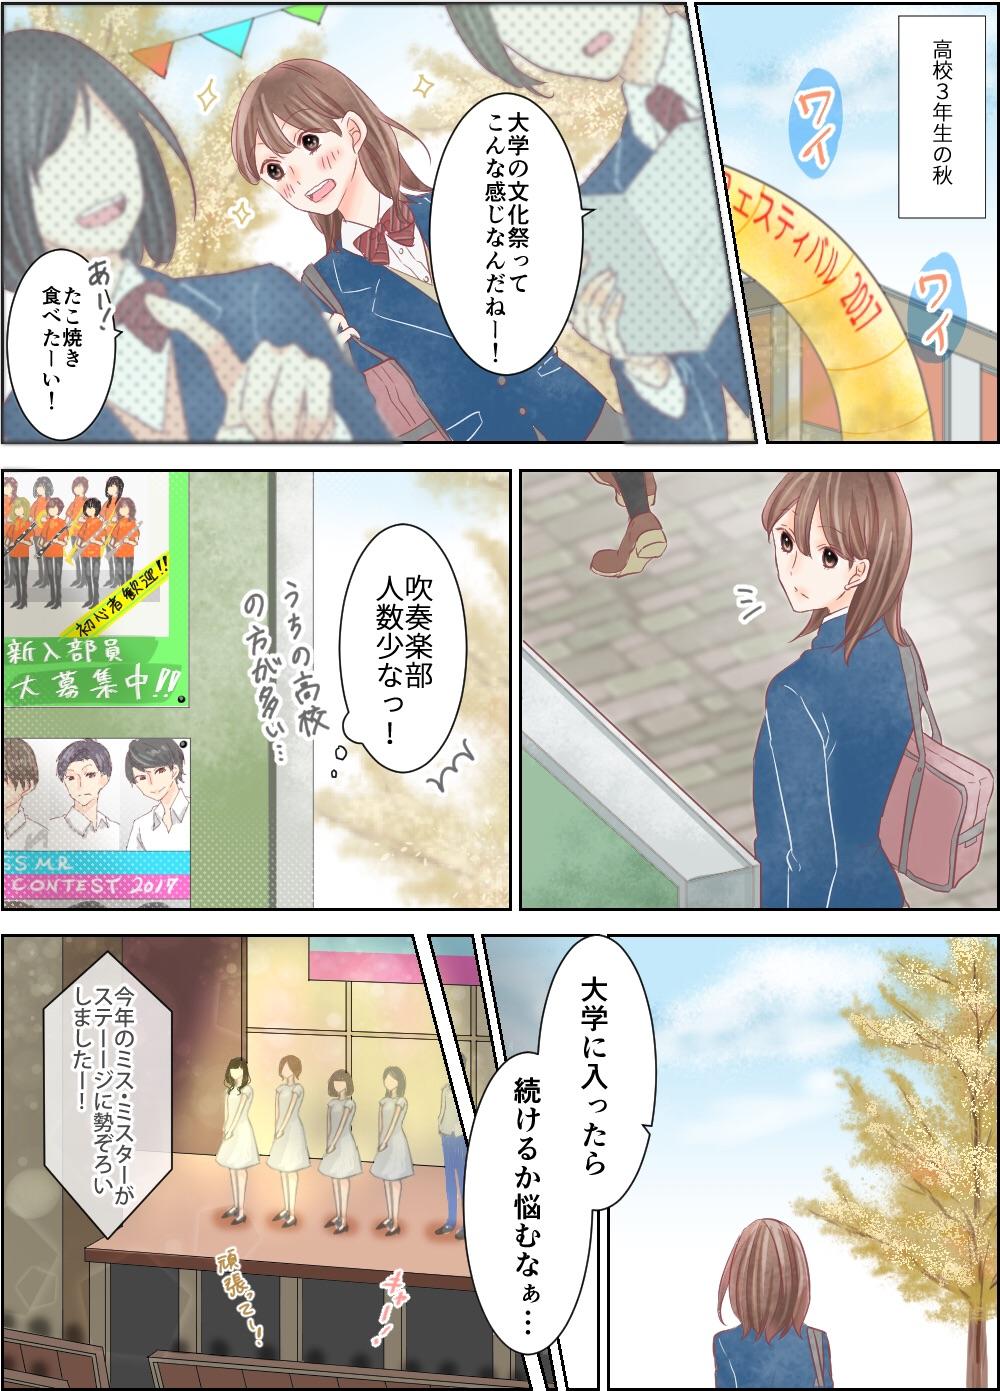 asukoi_003_002